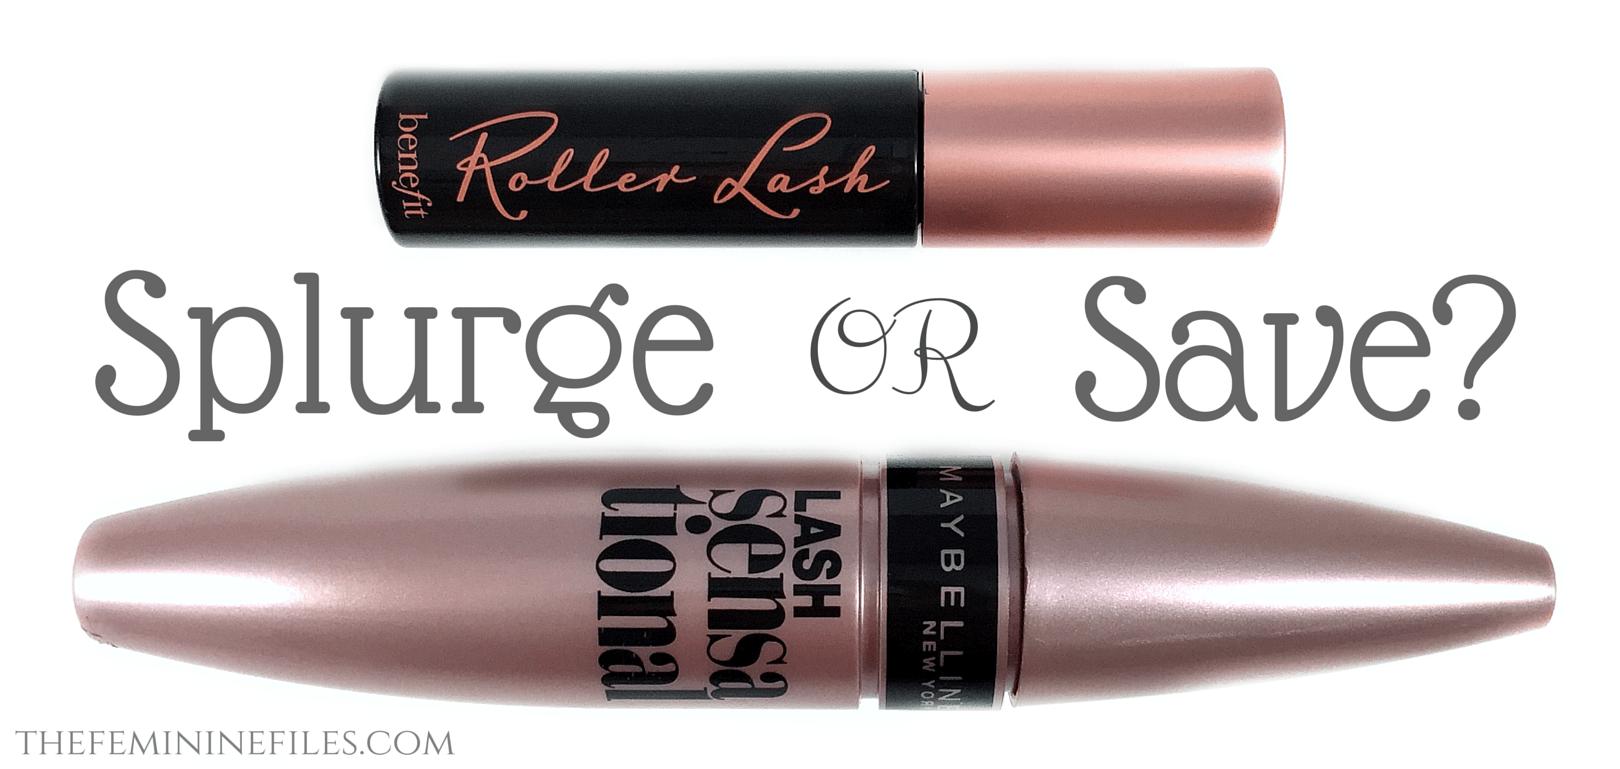 72308aaf9b1 Benefit Roller Lash vs Maybelline Lash Sensational. 03/04/2015. Splurge or  Save Mascaras